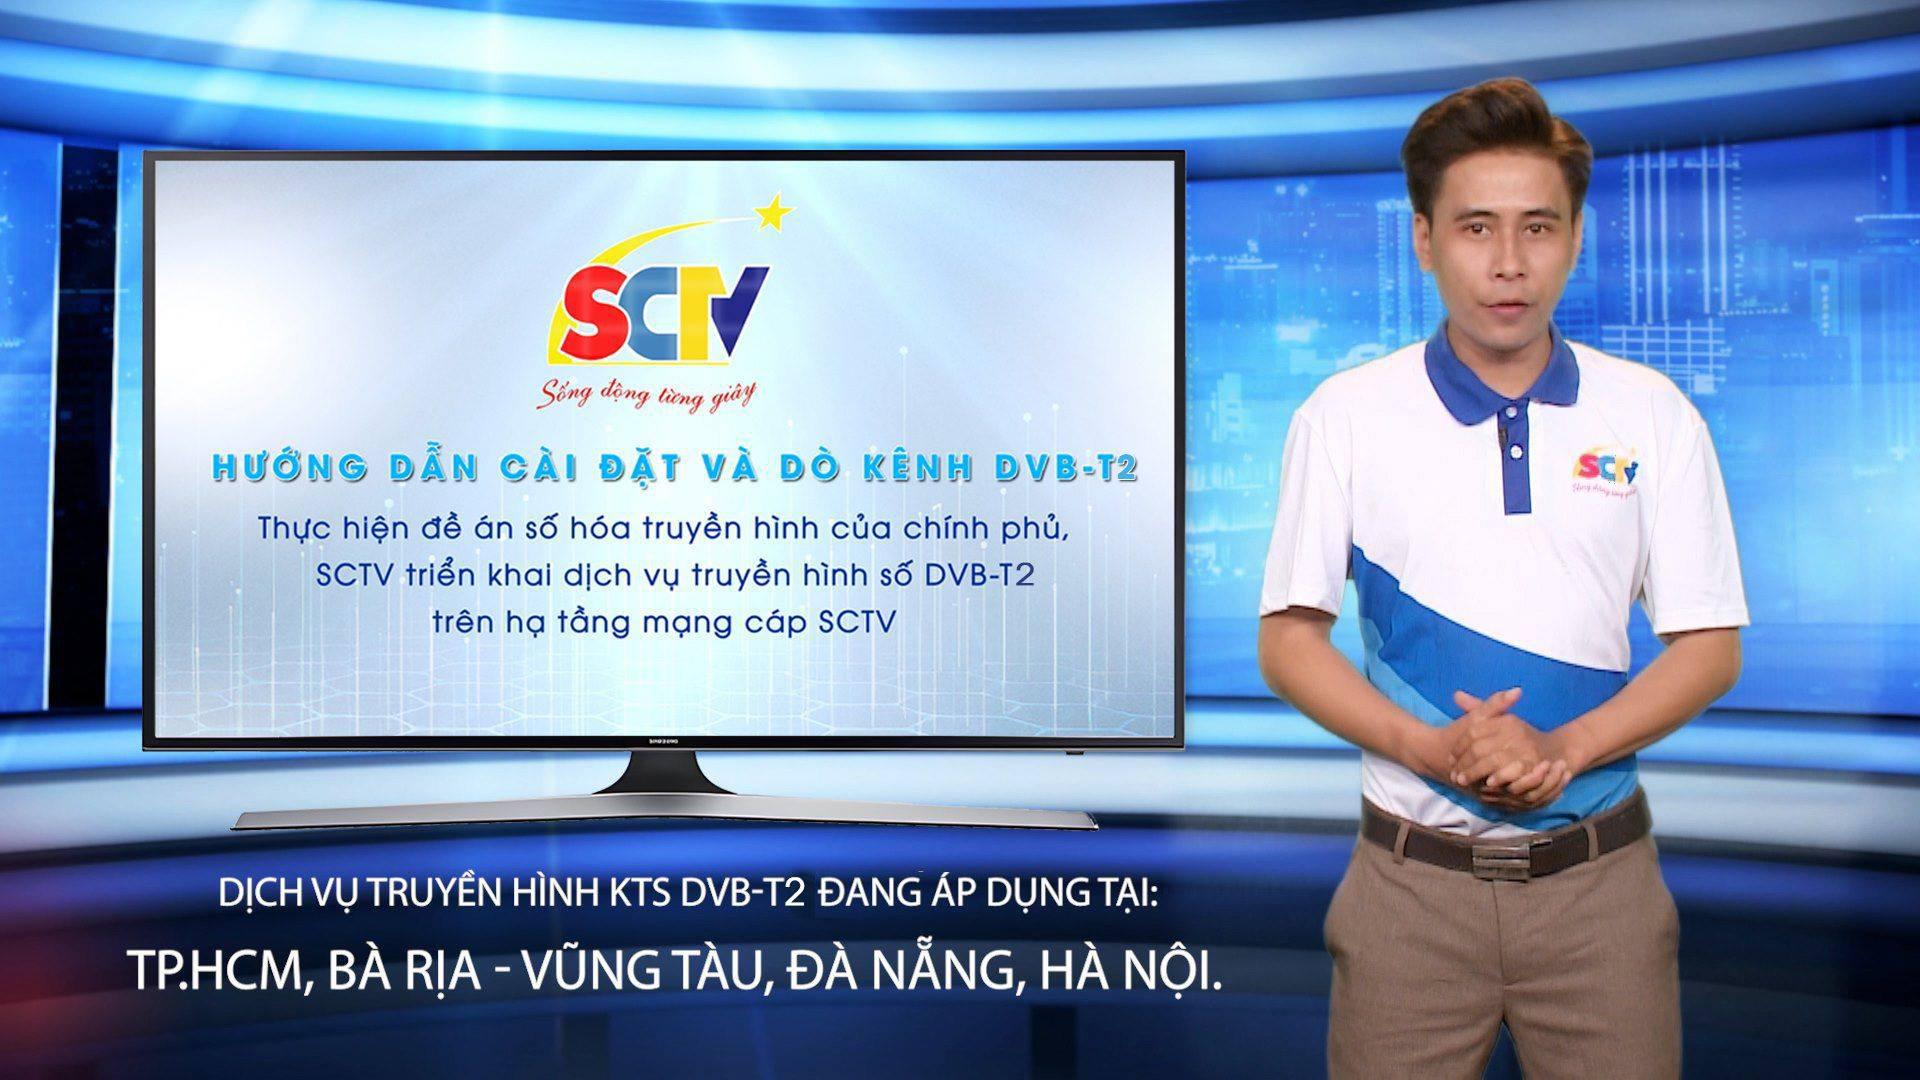 """SCTV nâng tốc độ internet, khách hàng thỏa sức làm việc tại nhà phòng chống """"Cô-Vy"""" - Ảnh 4."""